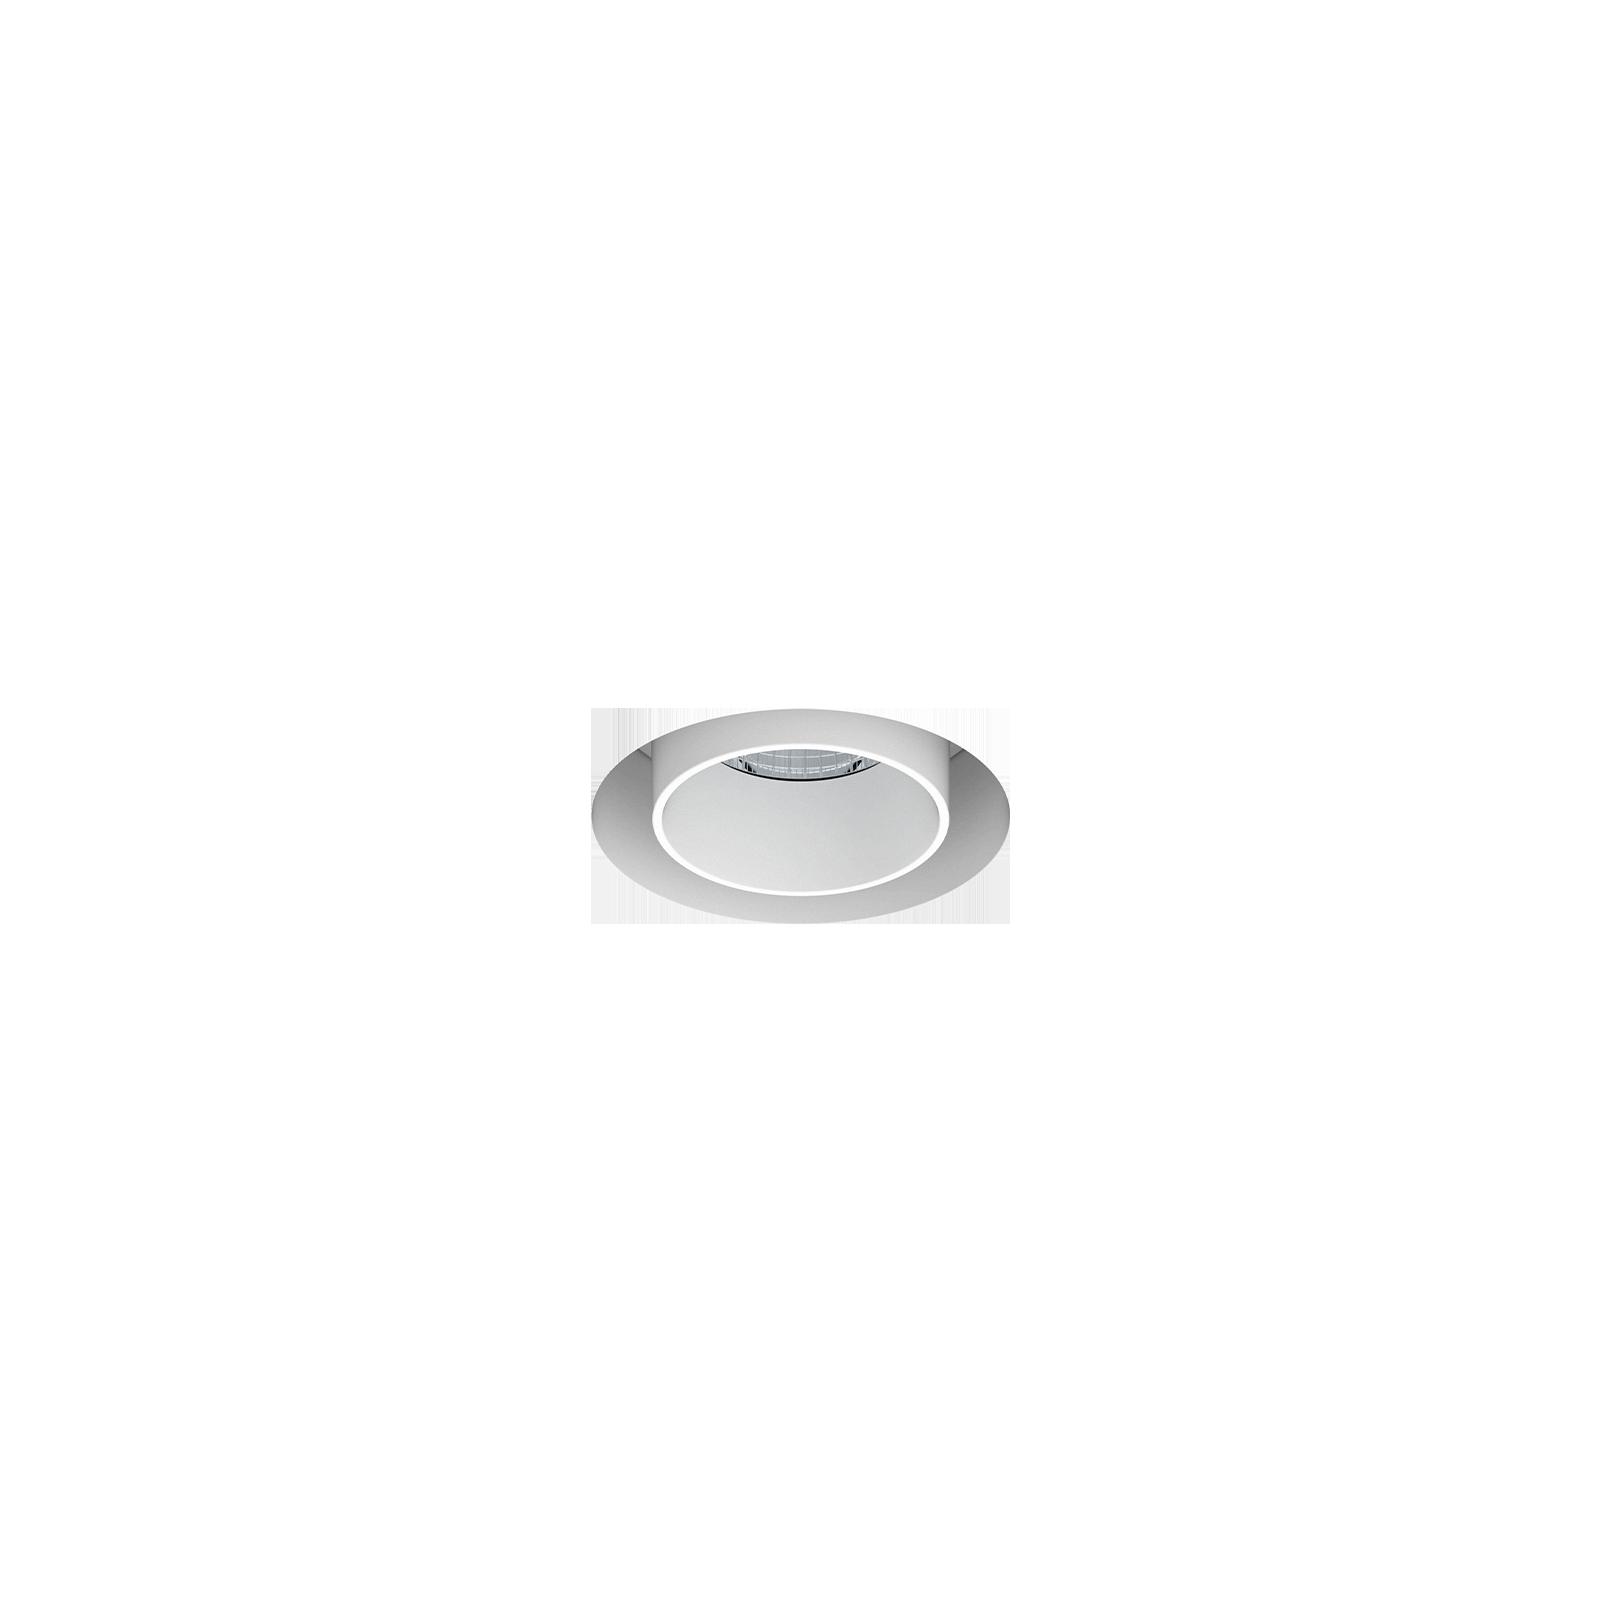 Mono 060 Trimless Type 3